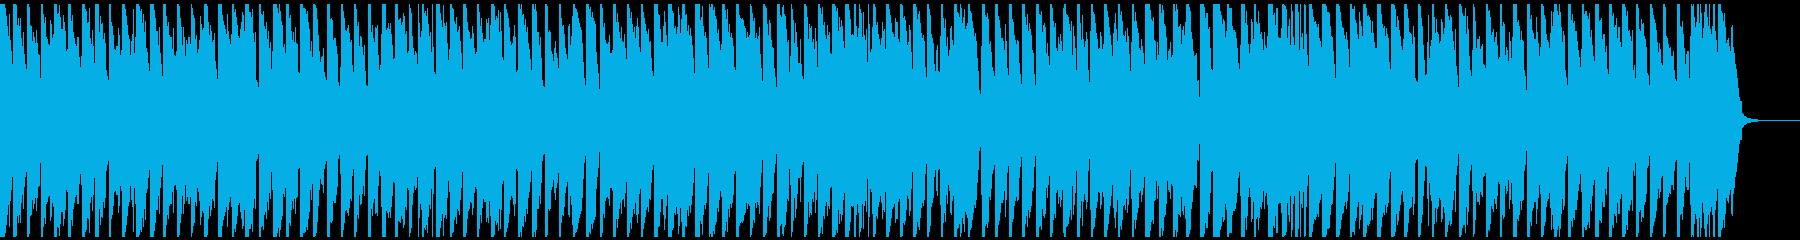 表彰式の定番ヘンデル 元気アレンジTb抜の再生済みの波形